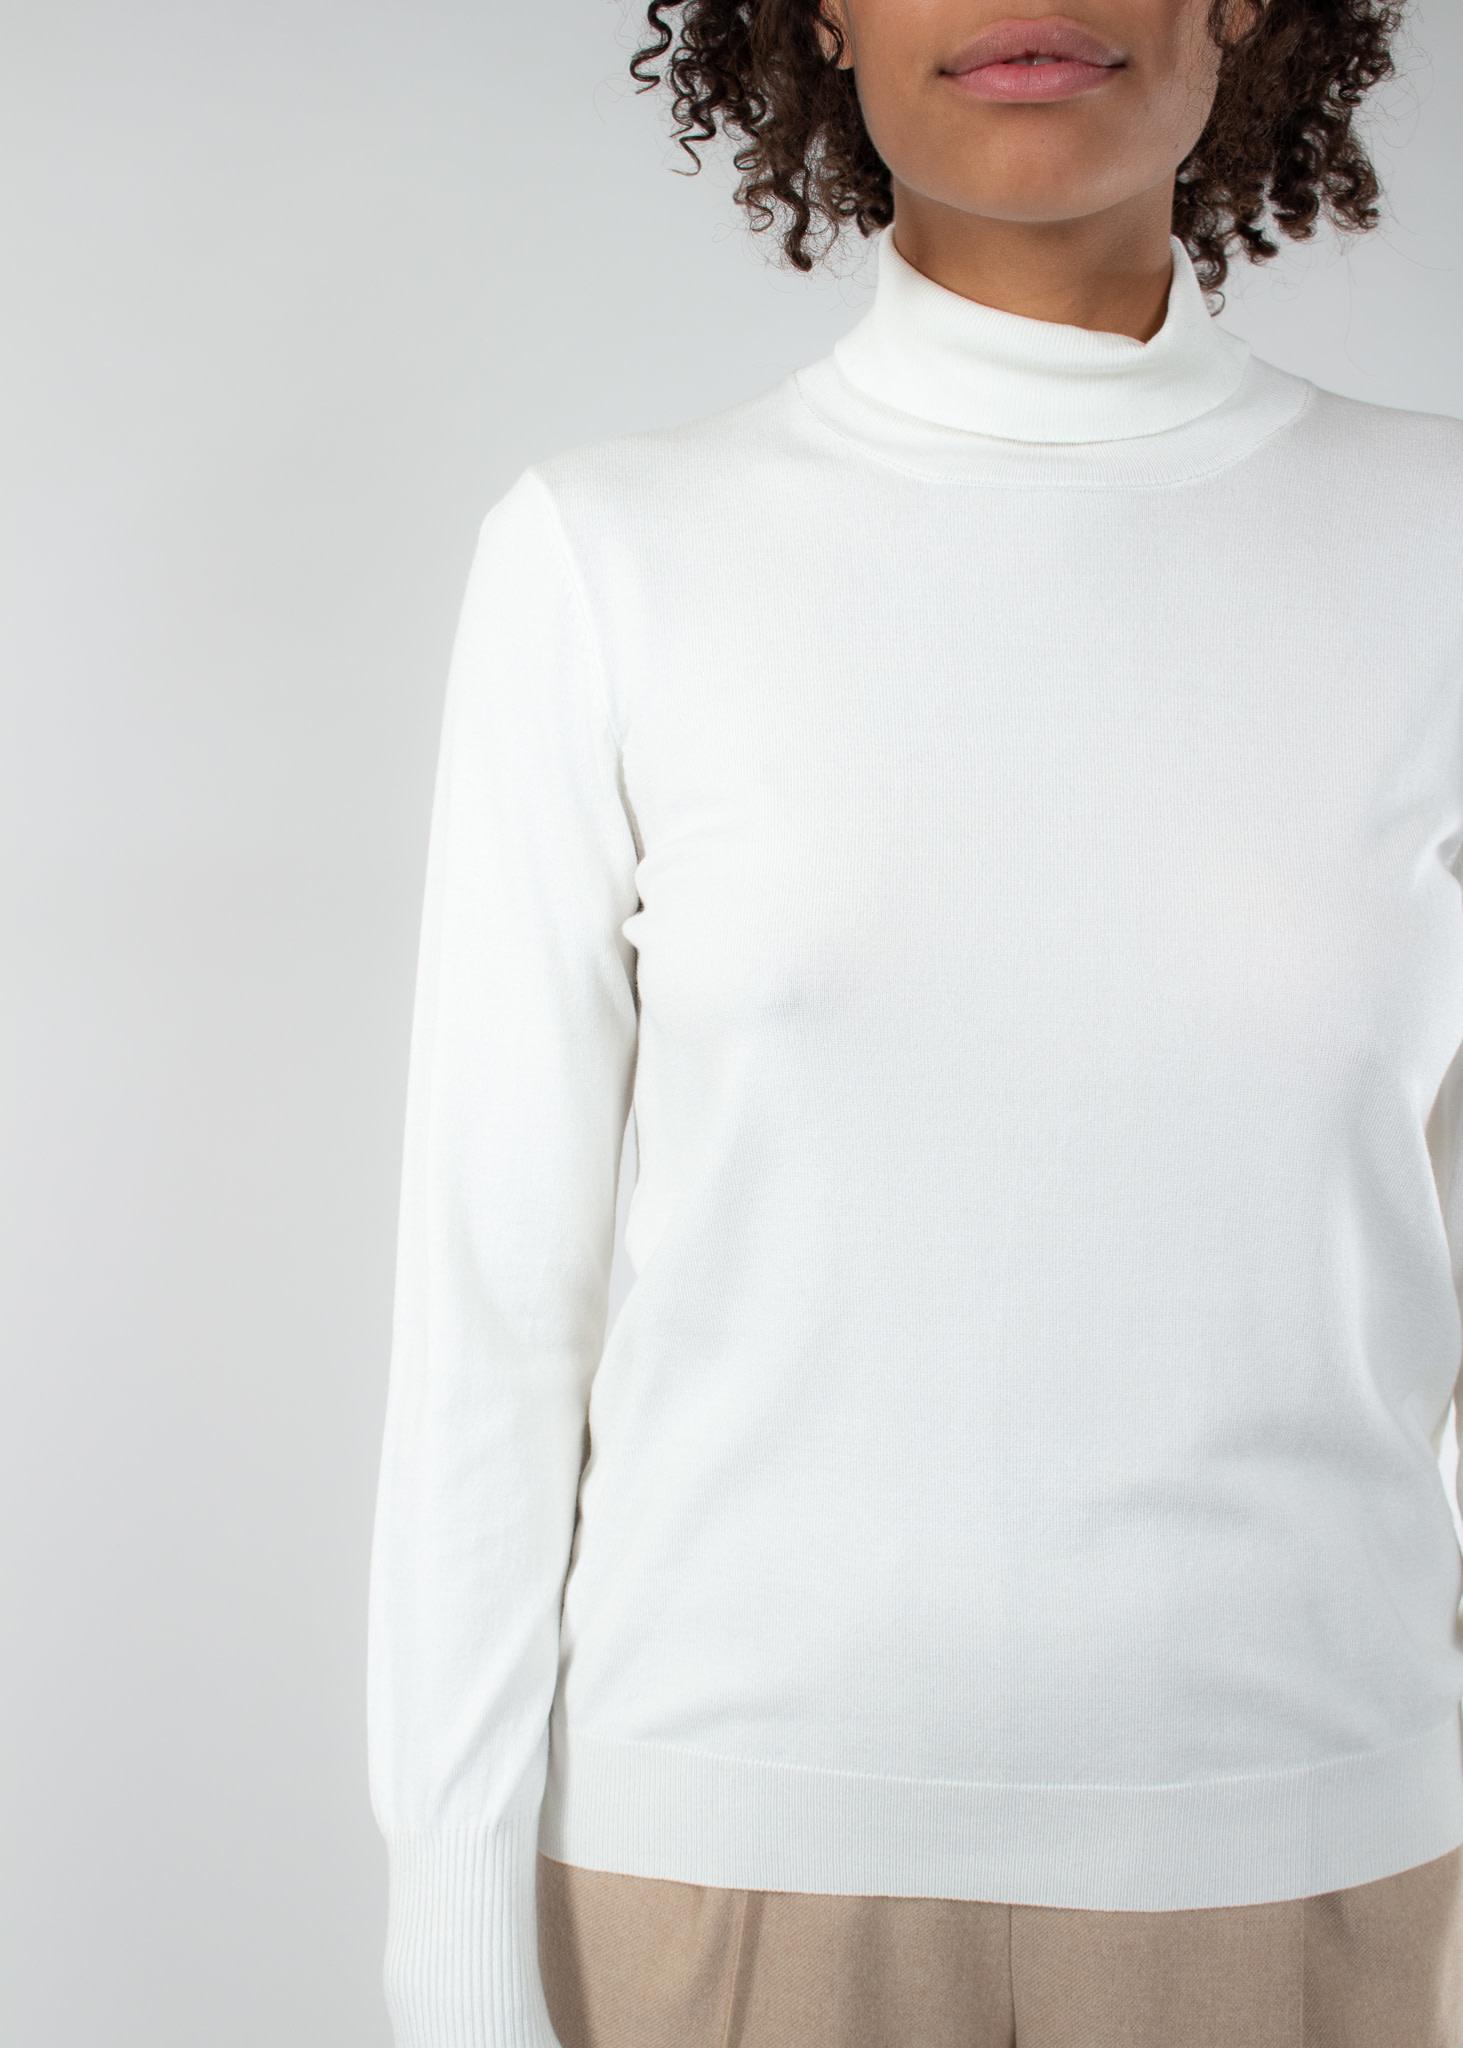 IN WEAR Novella roleneck knit white smoke